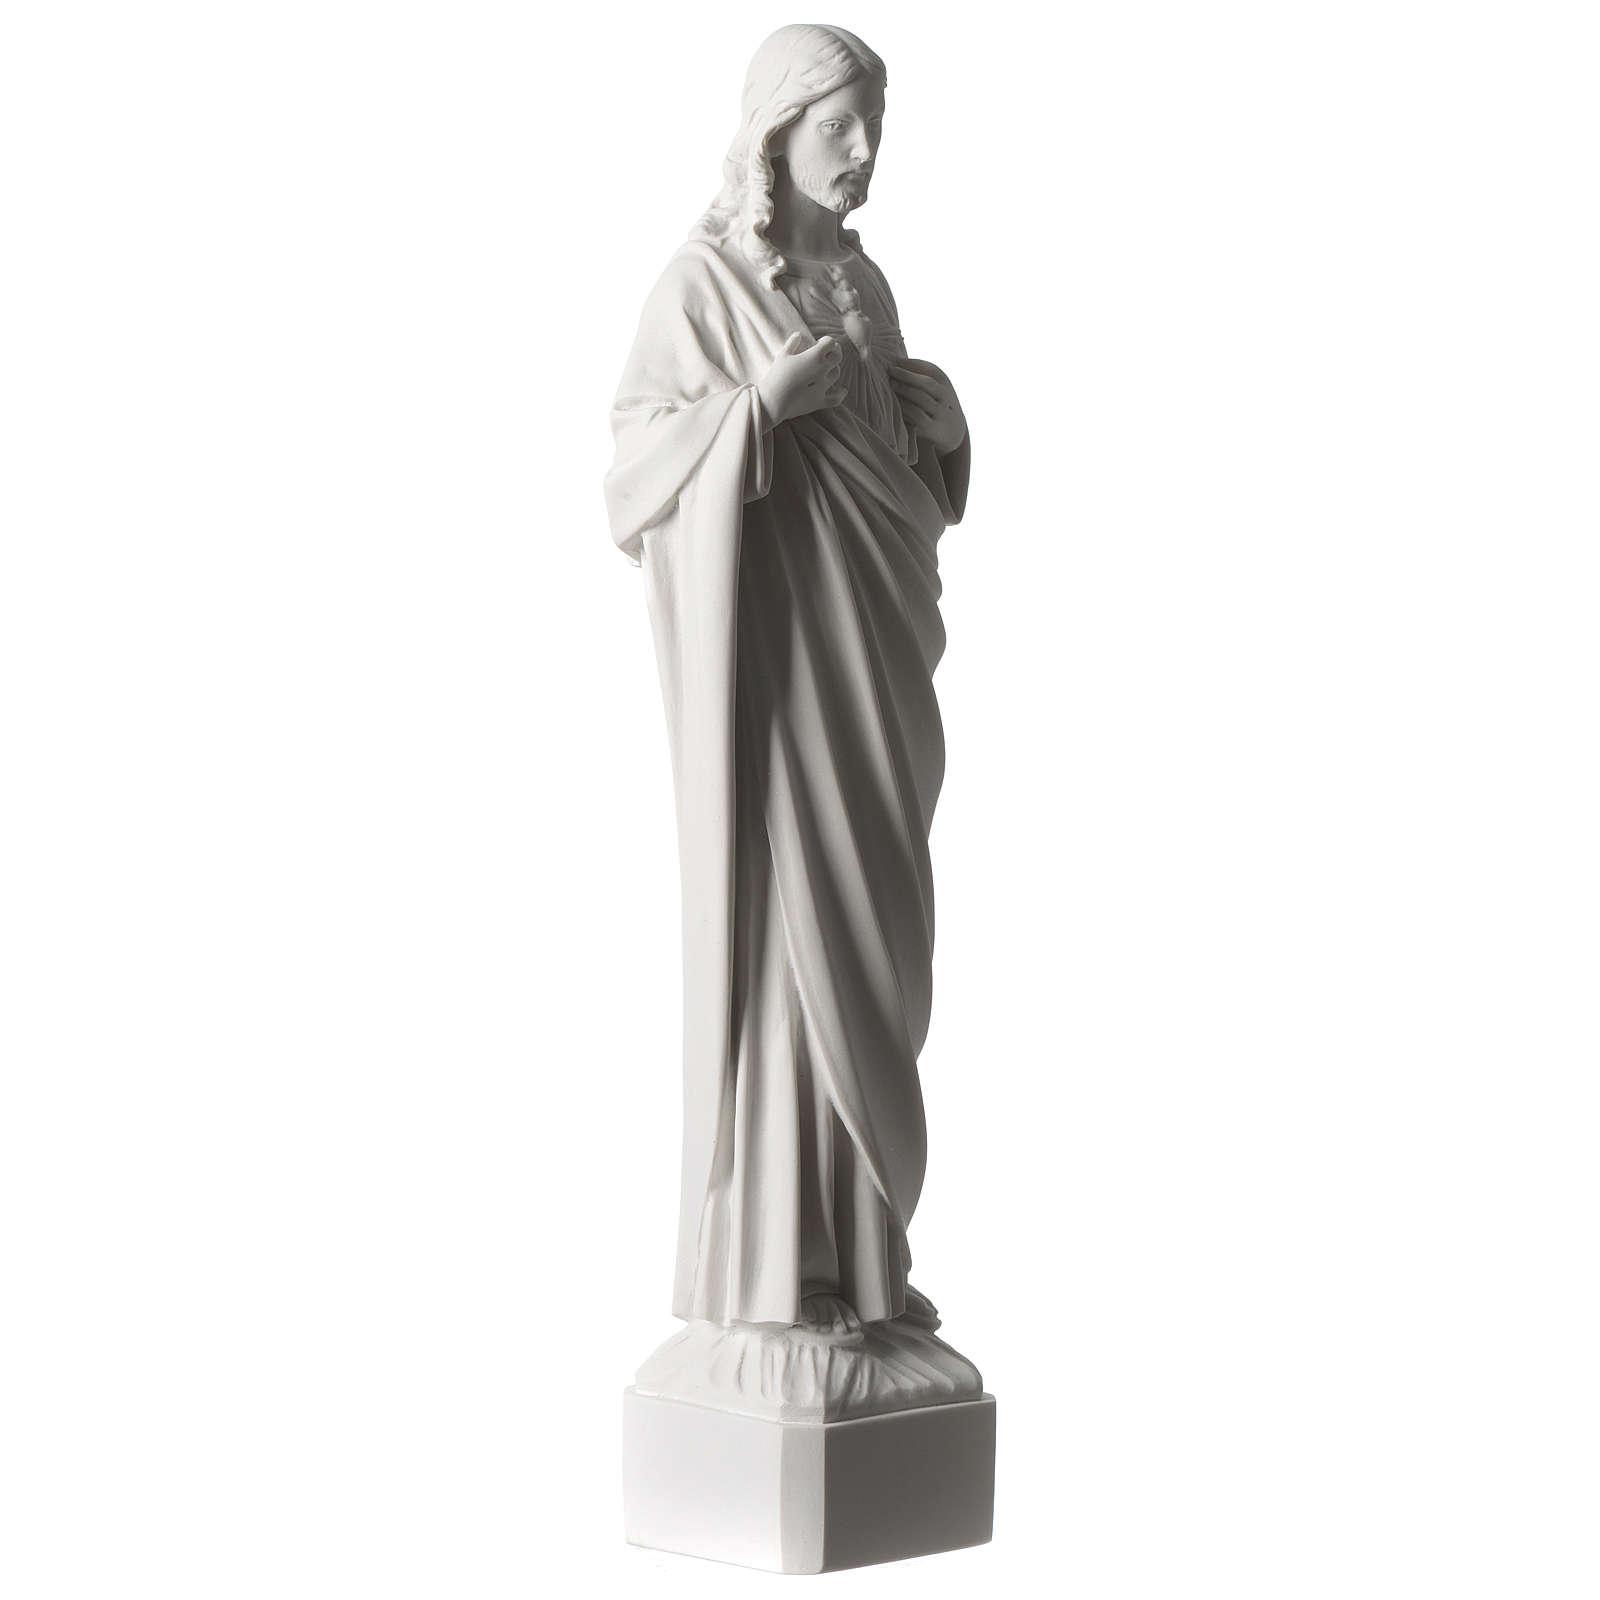 Sacred Heart of Jesus 45 cm in white Carrara marble dust 4